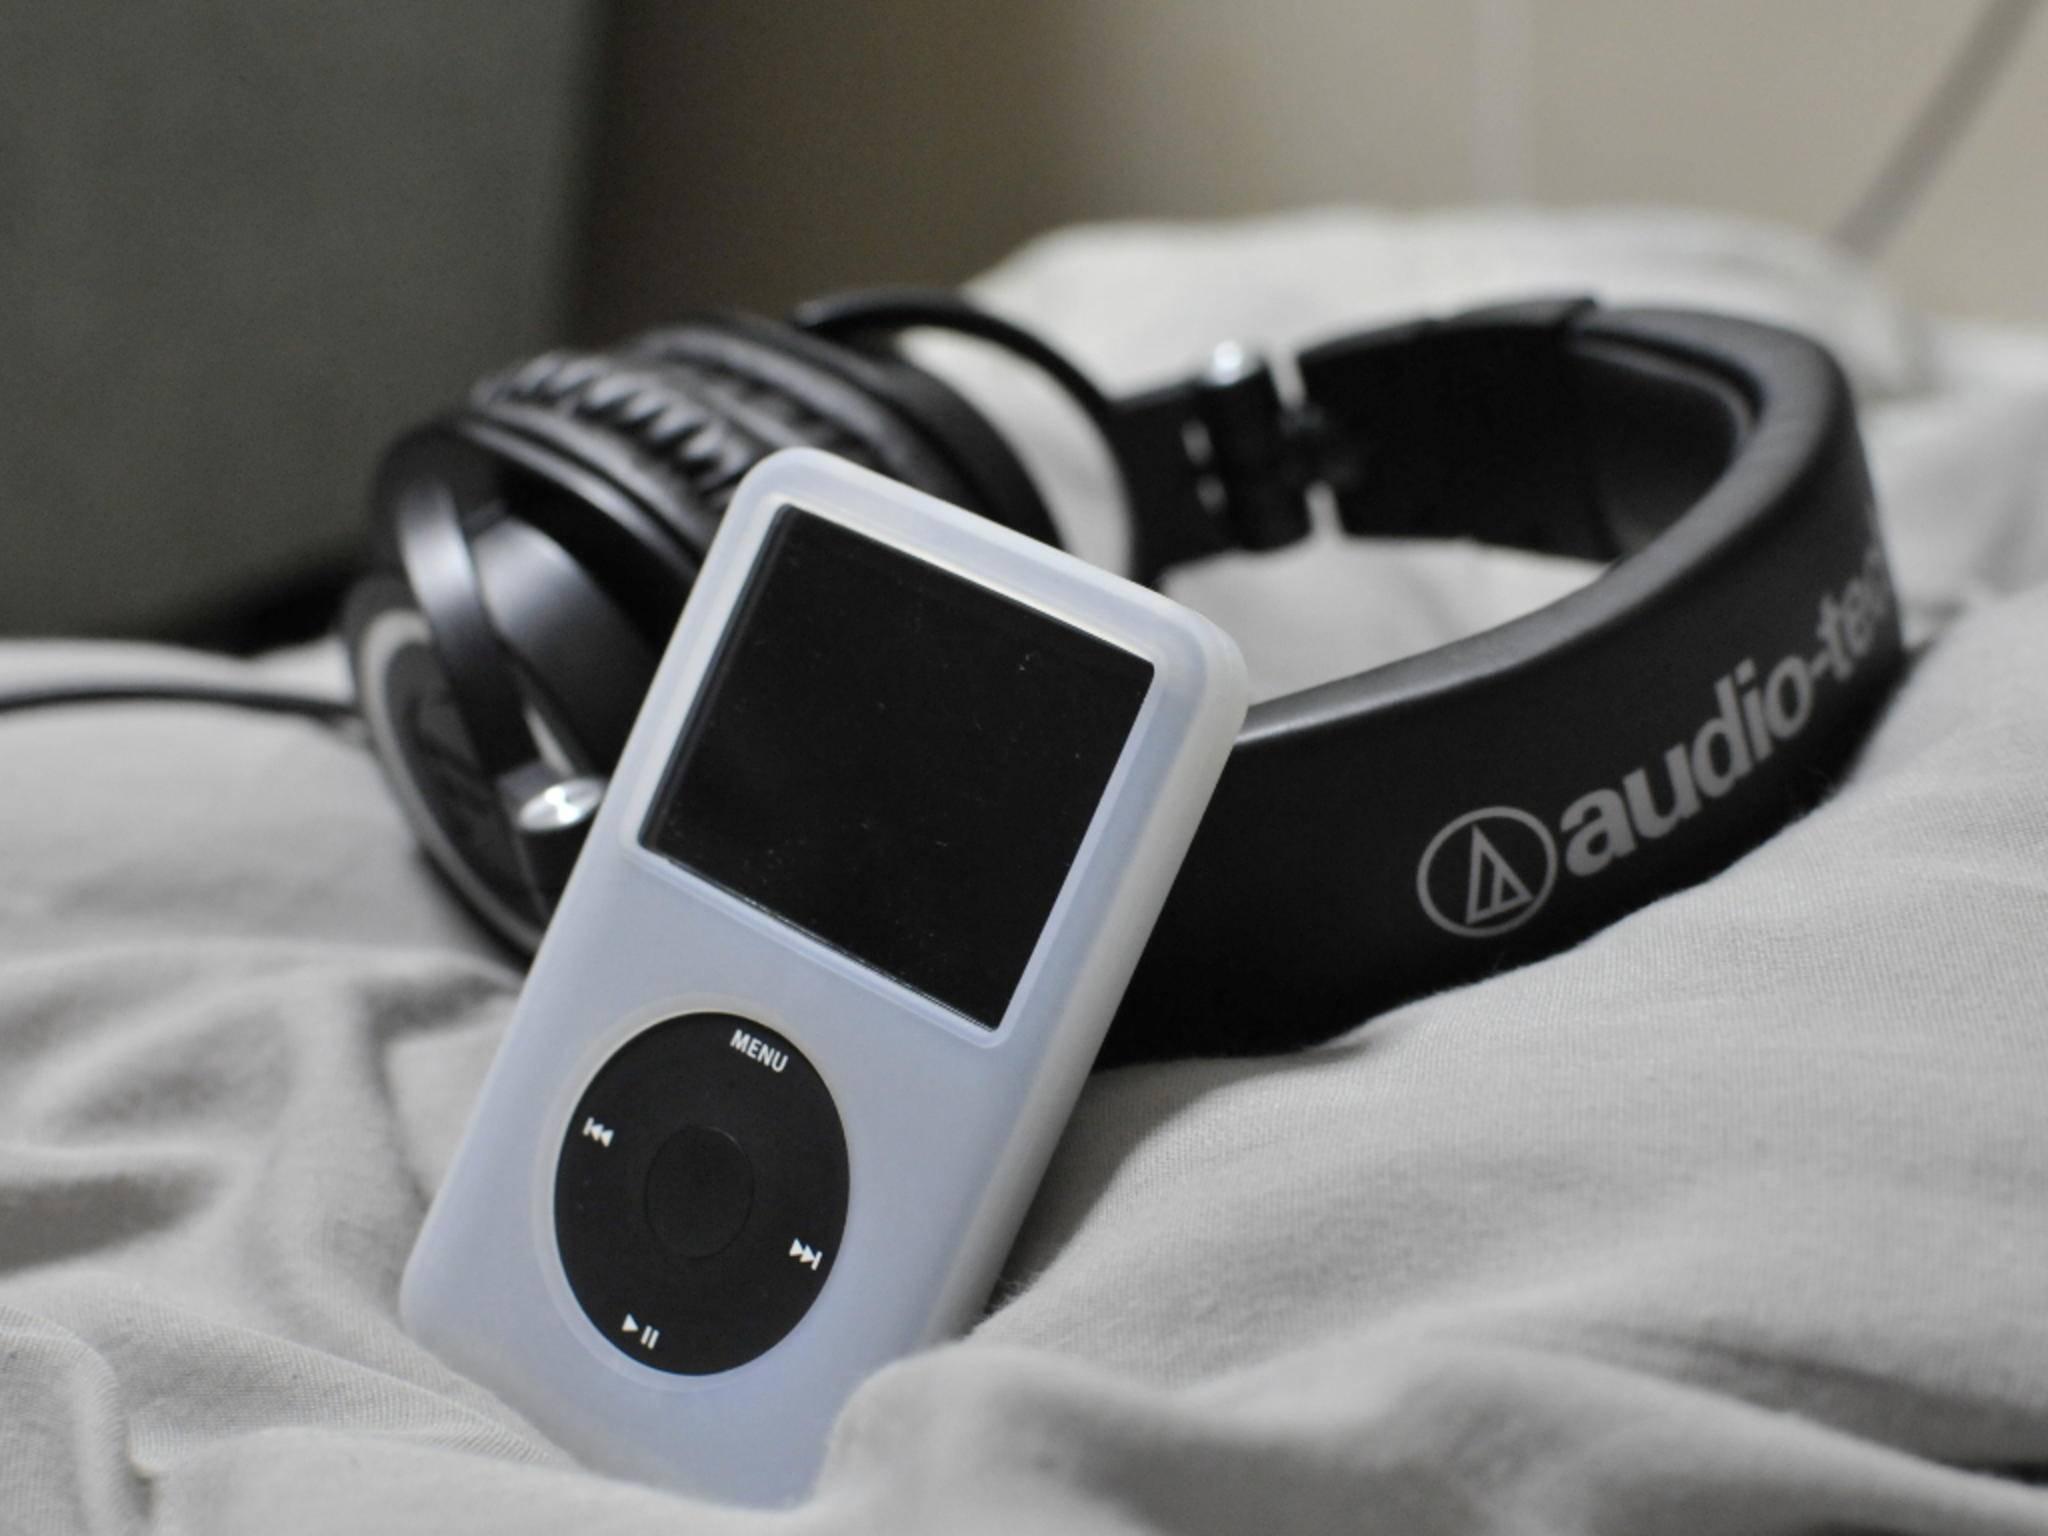 Der iPod ist der beliebteste Musikplayer weltweit.